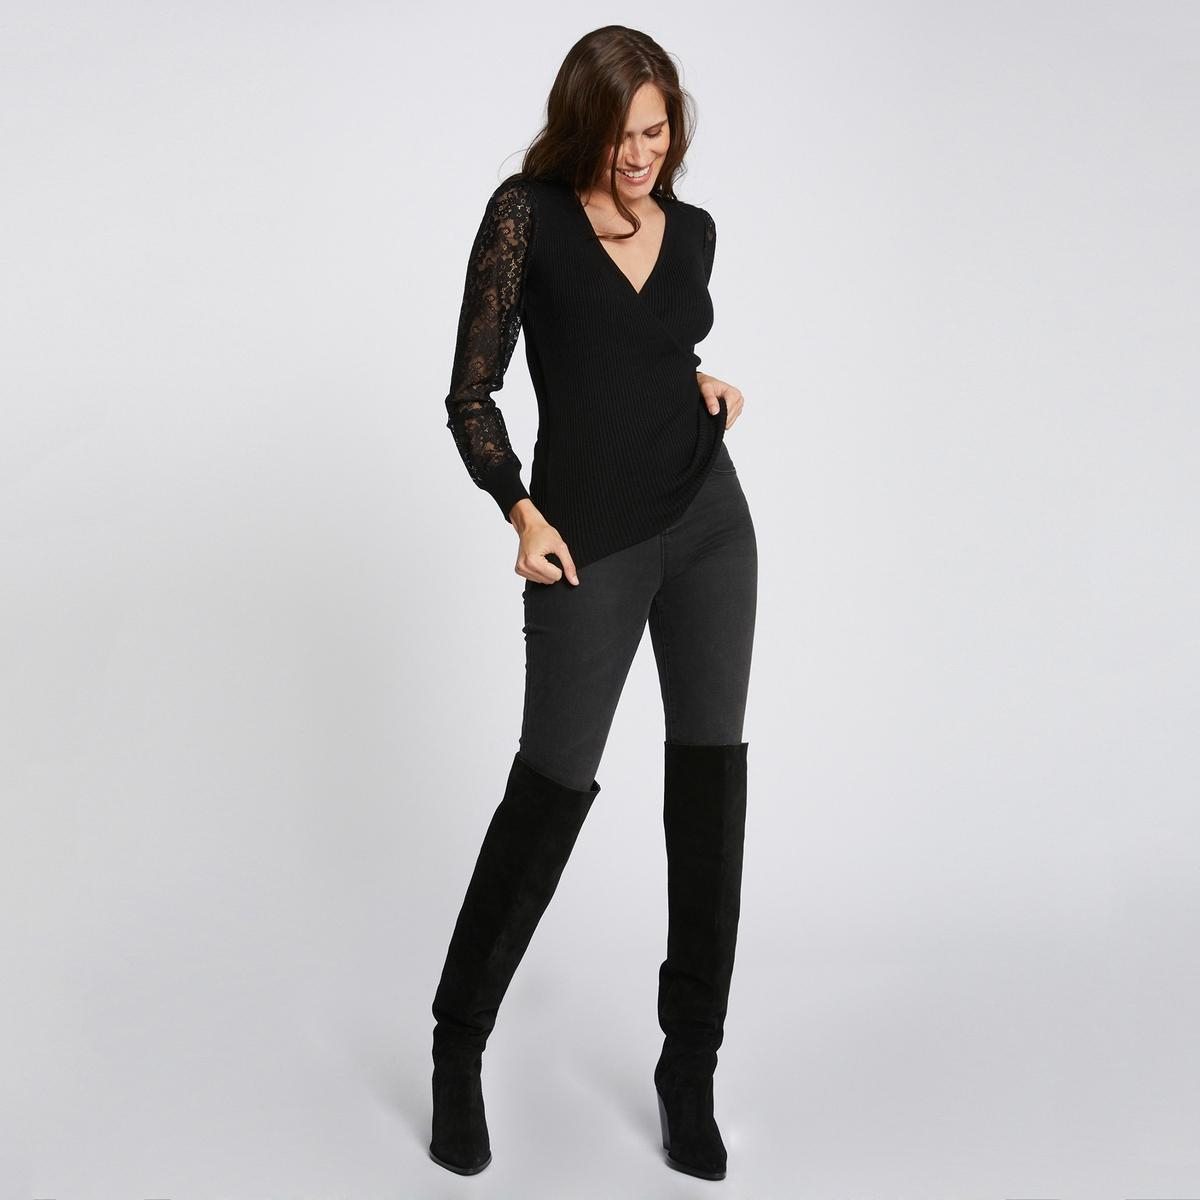 Пуловер La Redoute С V-образным вырезом и длинными рукавами из кружева S черный футболка la redoute с длинными рукавами и v образным вырезом из кружева s черный